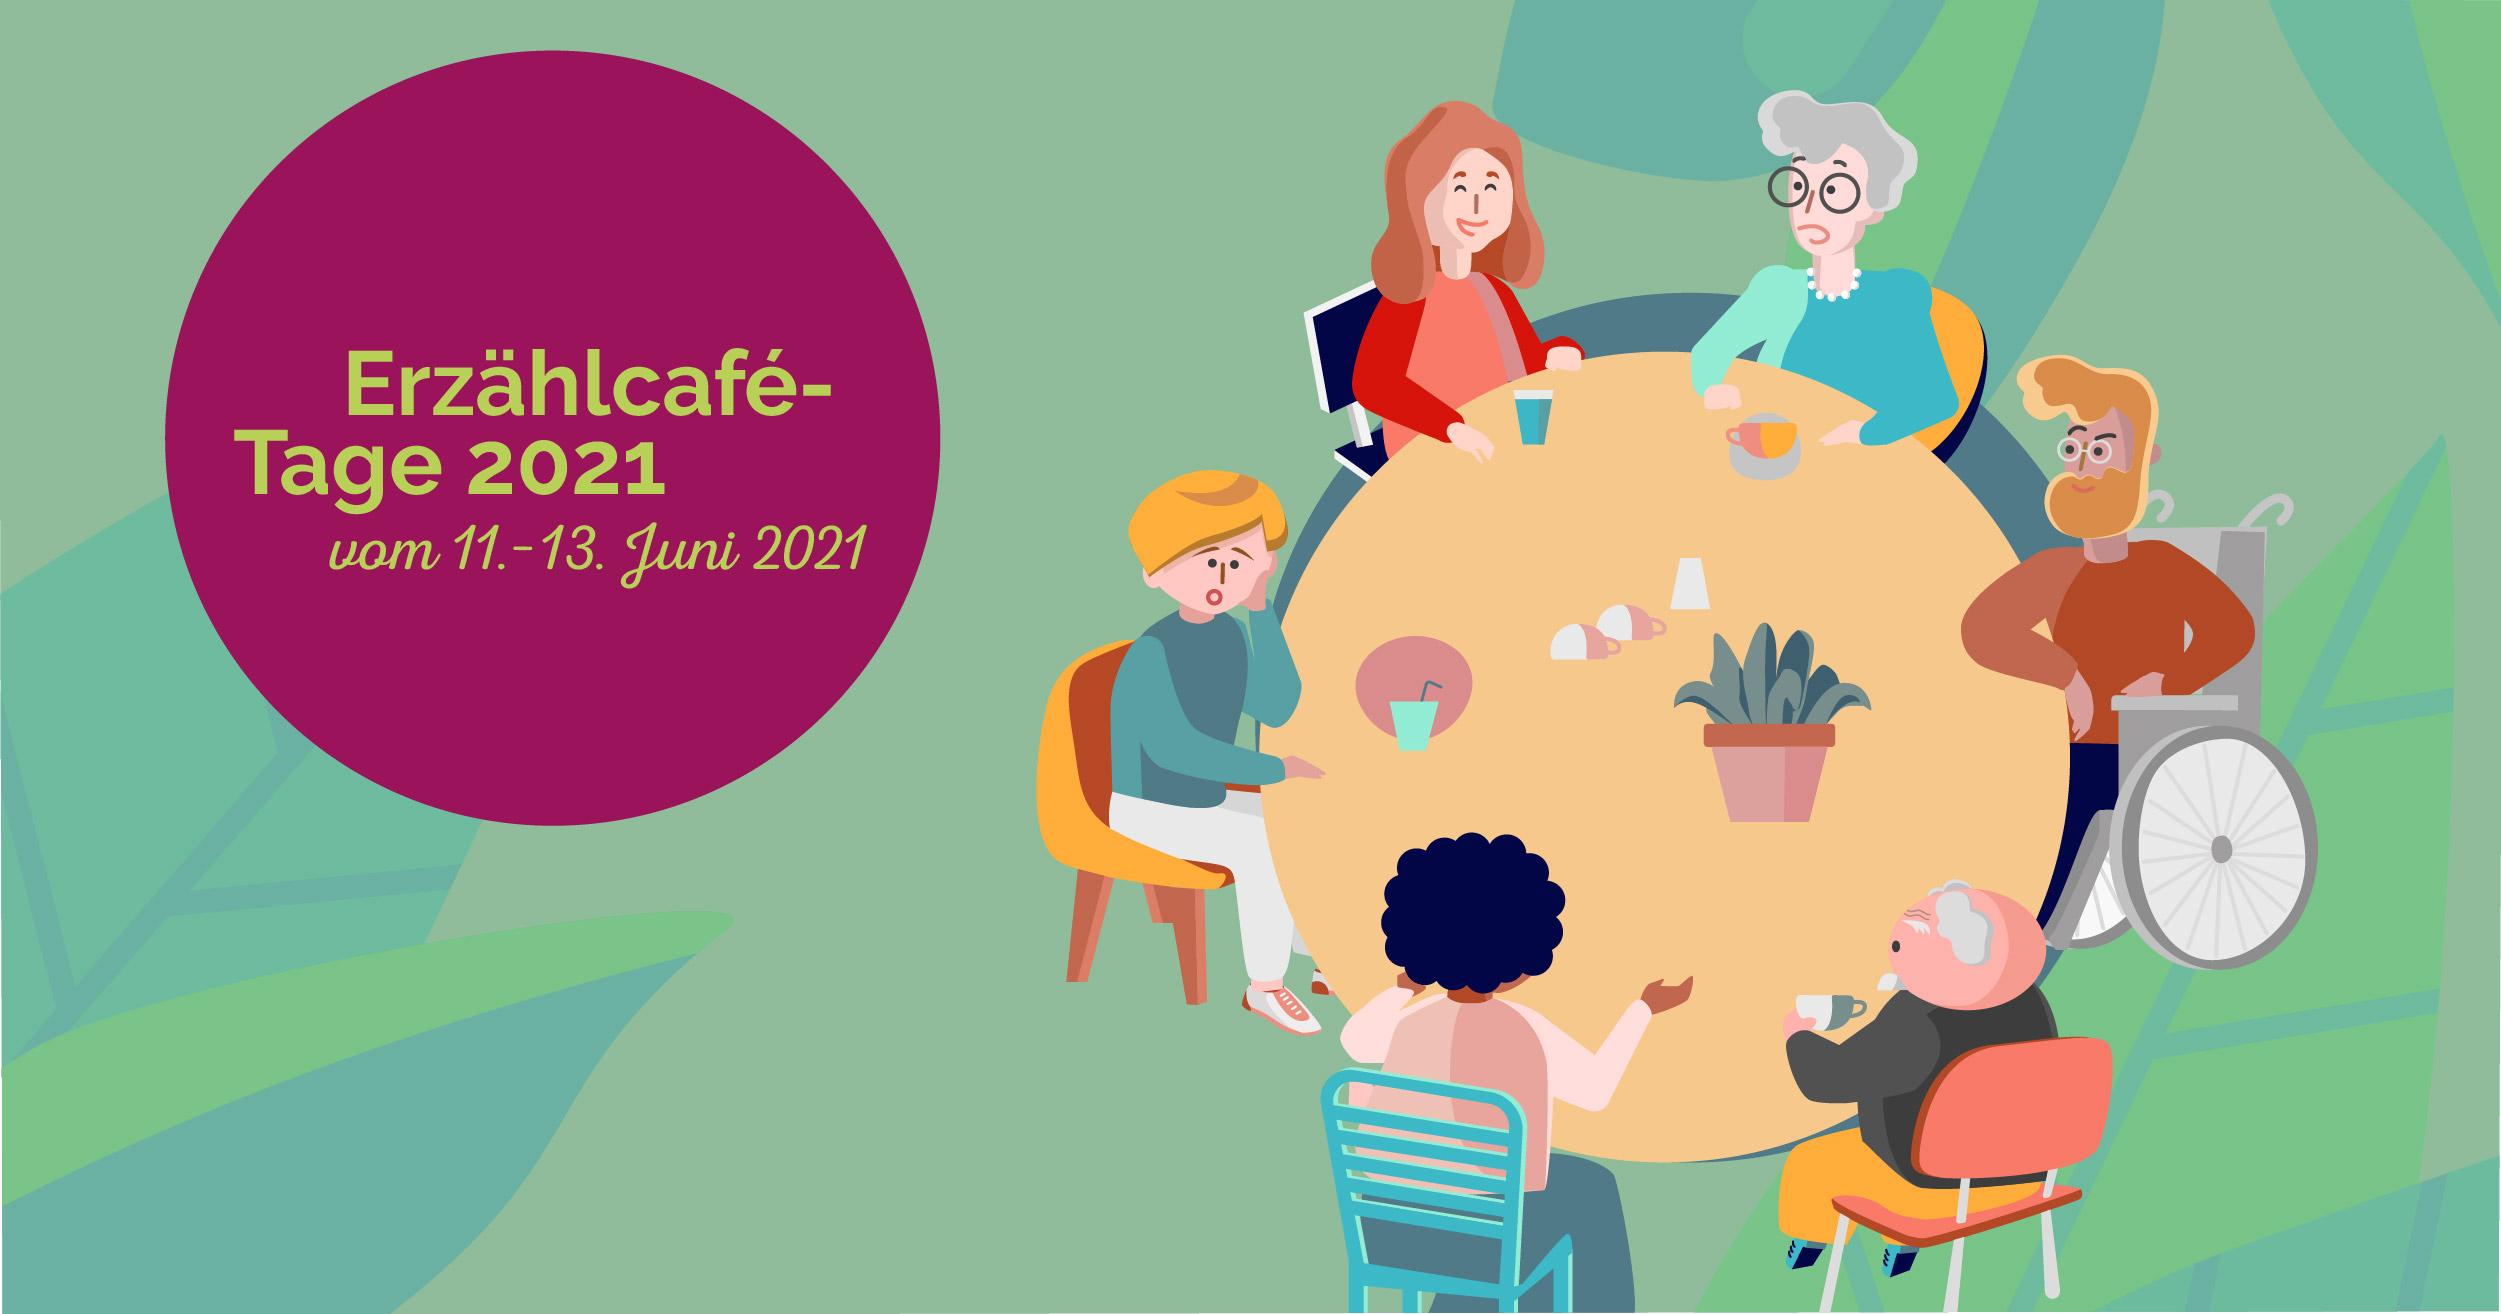 Ein gezeichnetes Bild von 6 unterschiedlichen Personen, die zusammen an einem runden Tisch sitzen und erzählen.